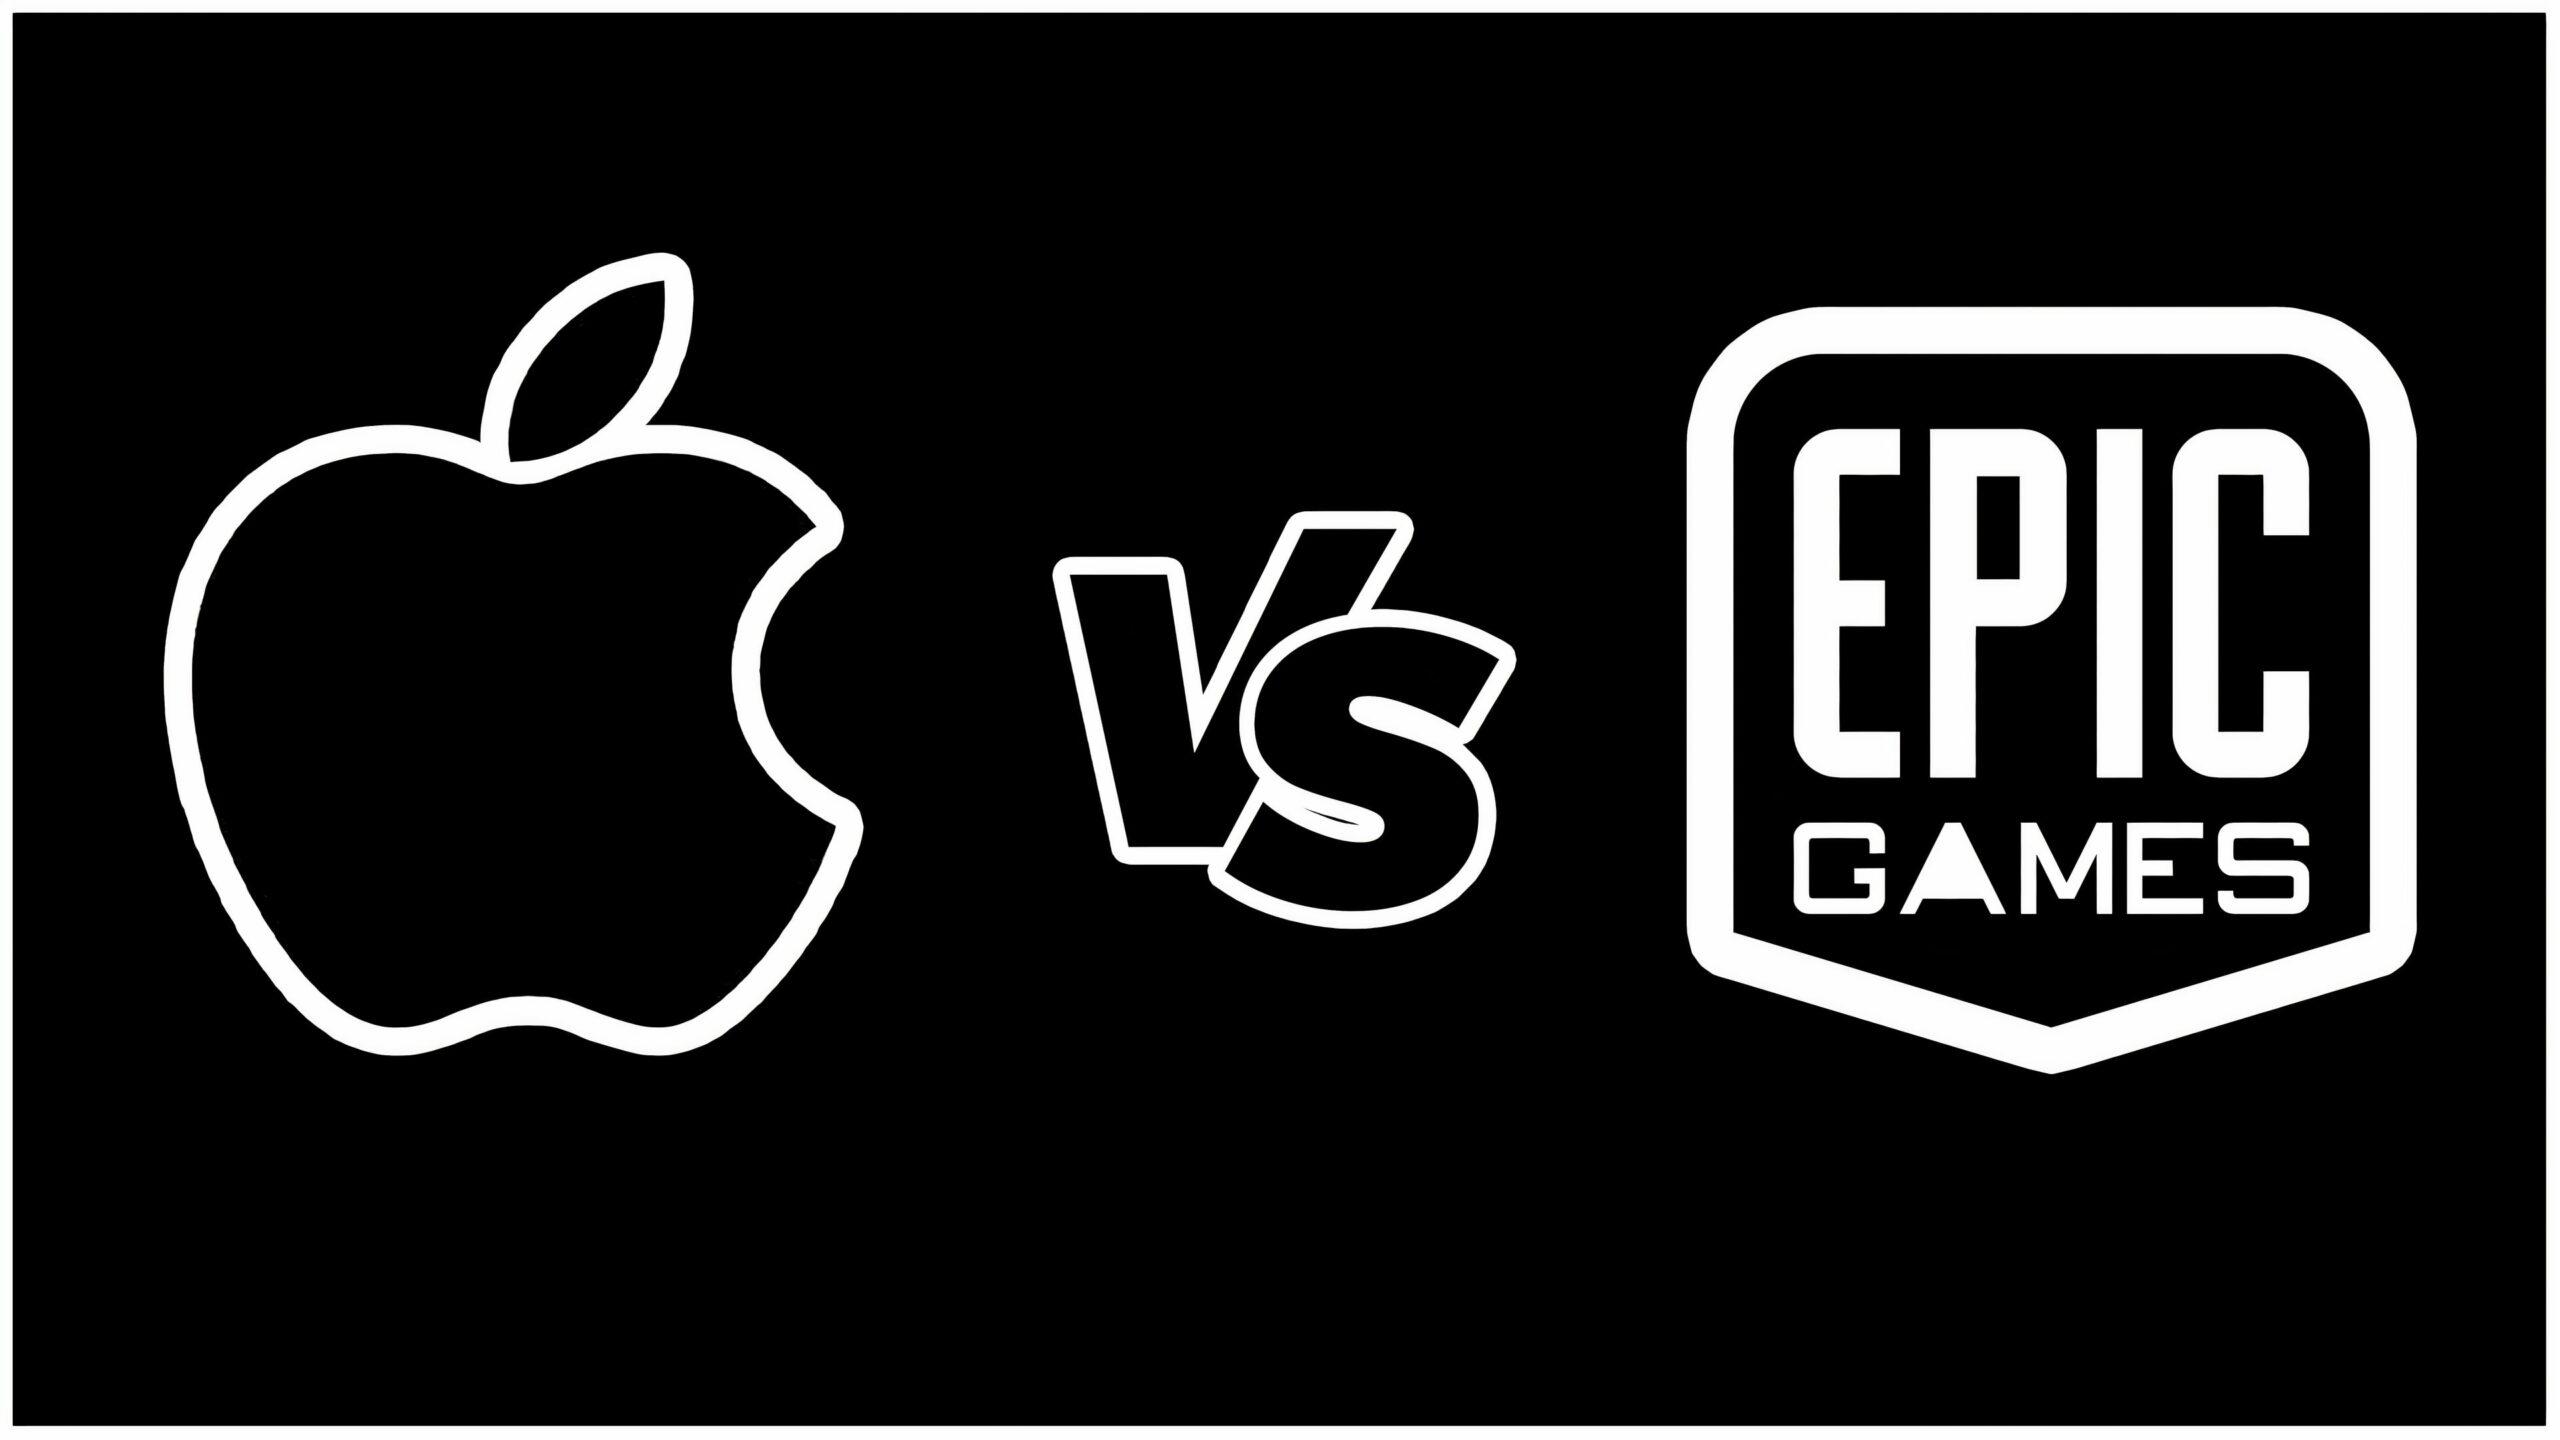 epic games vs apple titolo 1